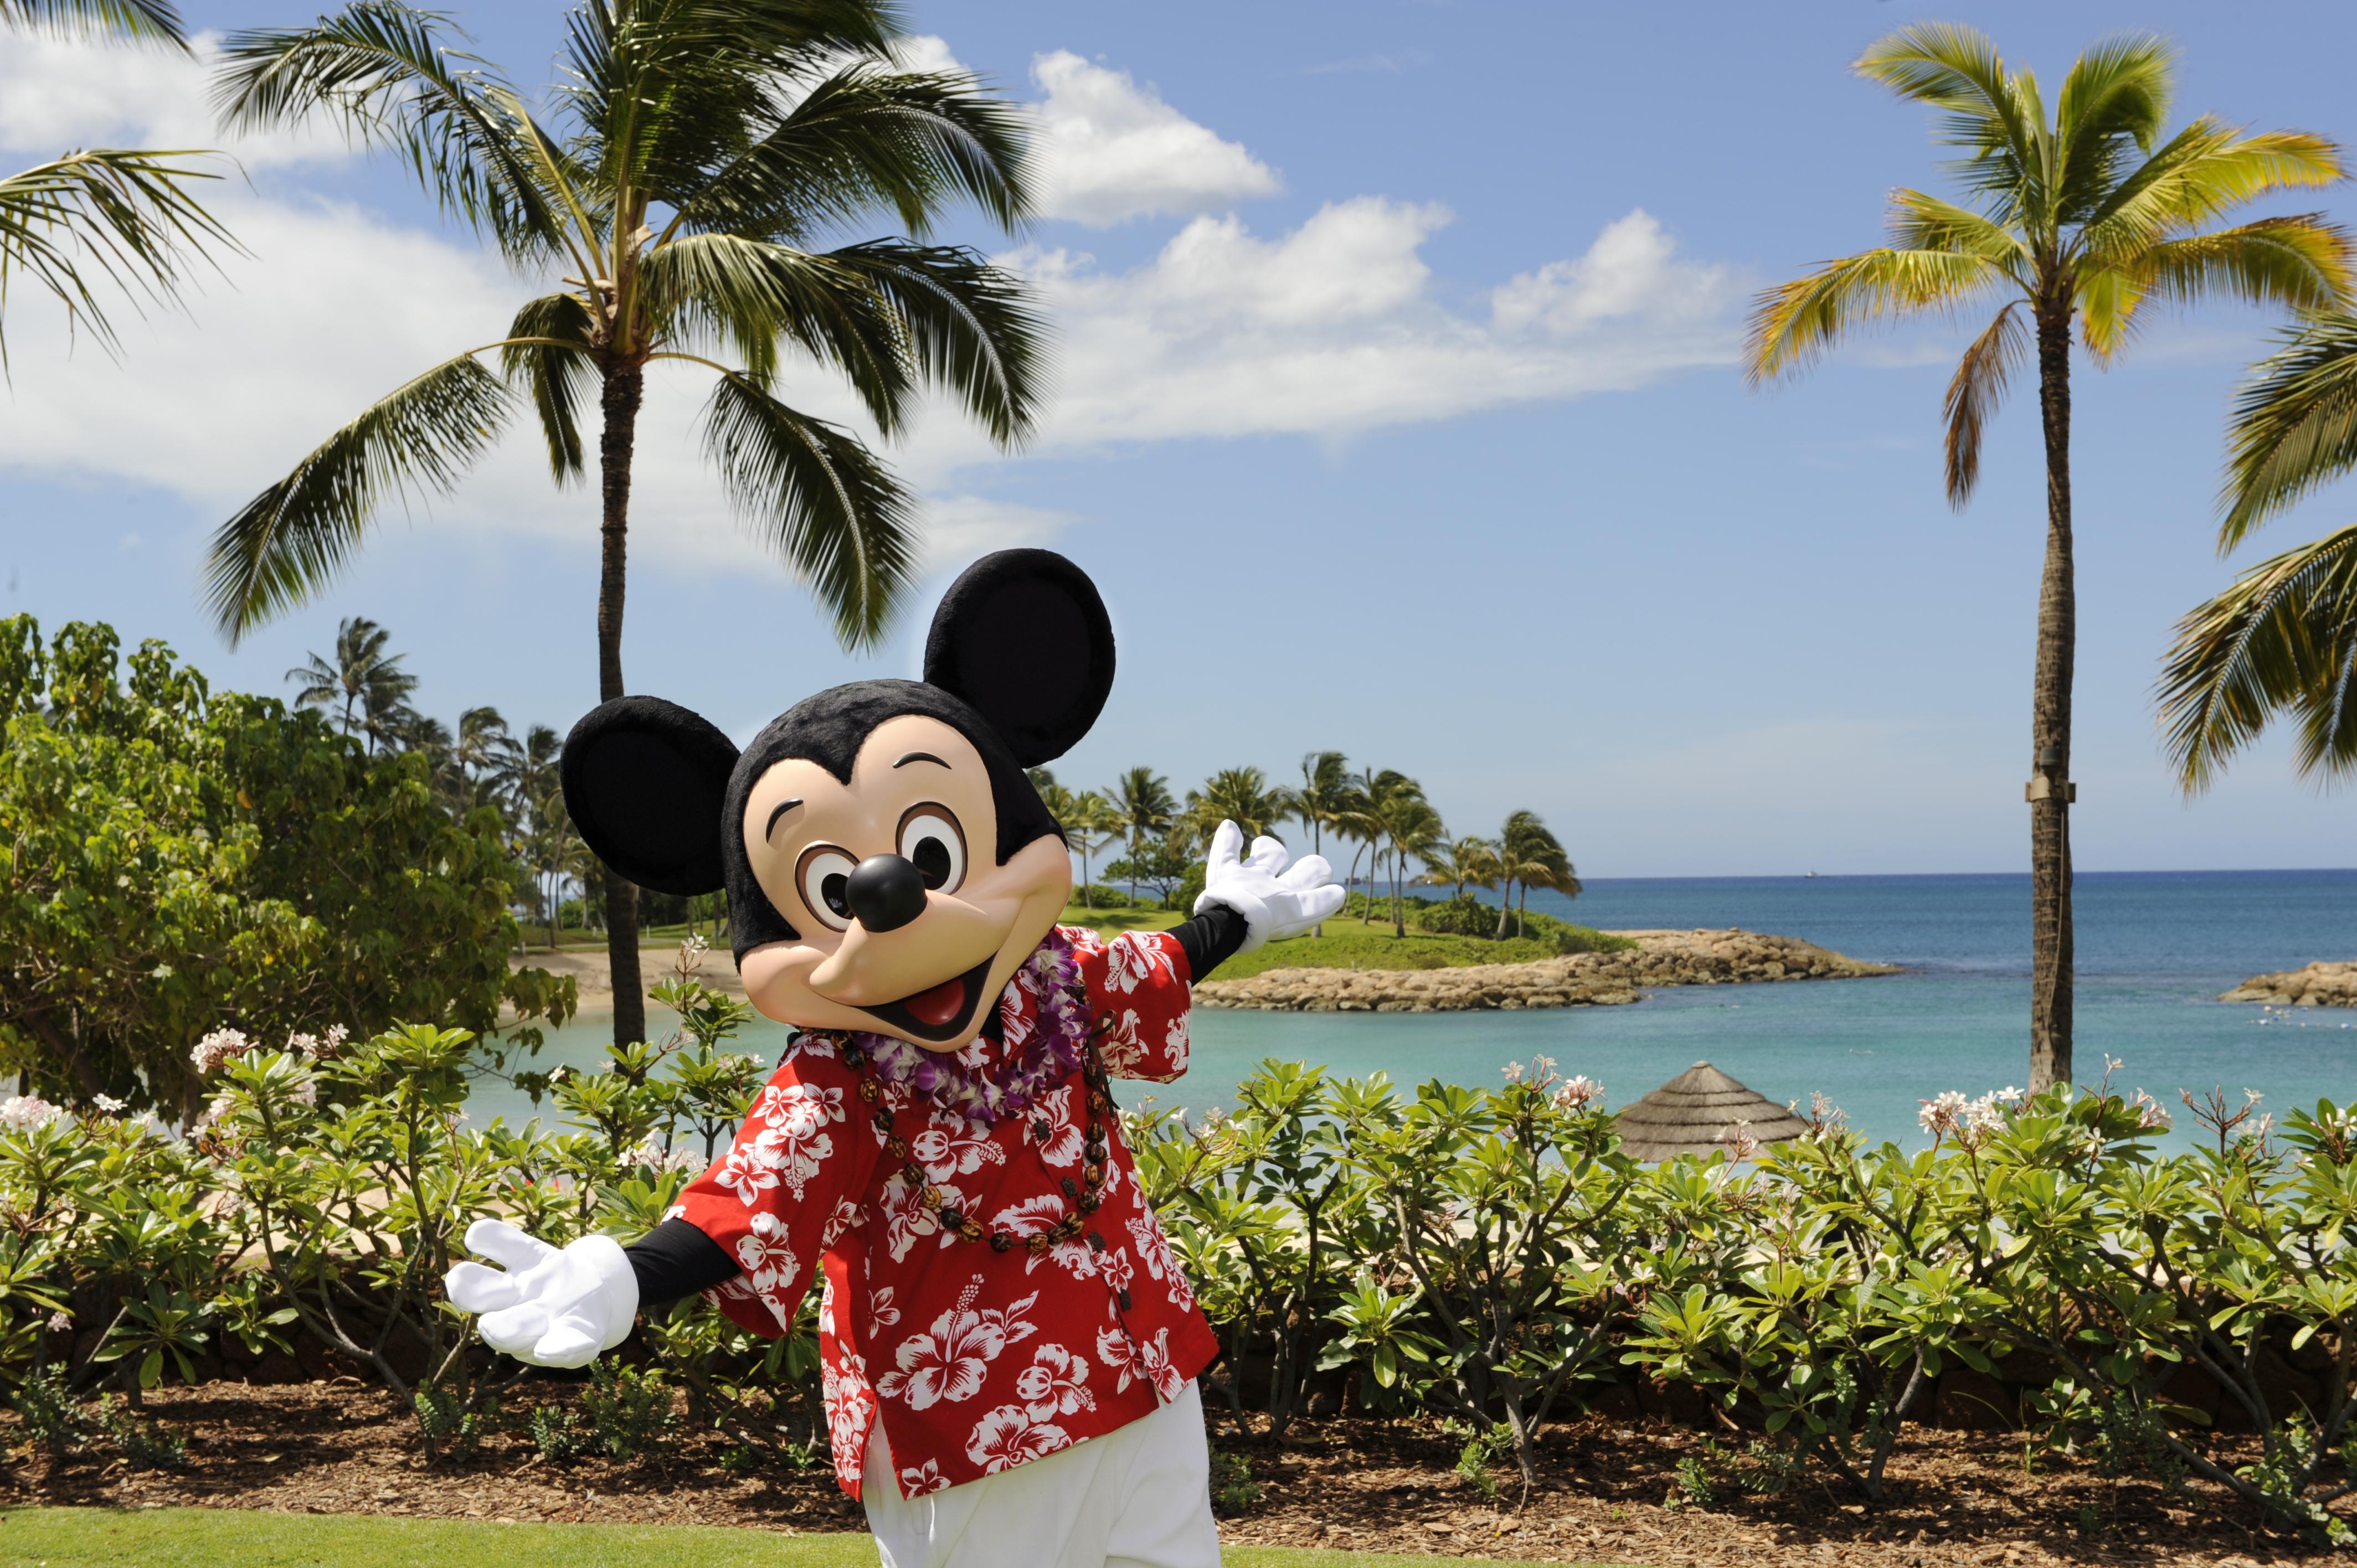 ハワイのディズニーで癒しの楽園リゾートを満喫する「アウラニ・ディズニー・リゾート&スパ・コオリナ・ハワイ」